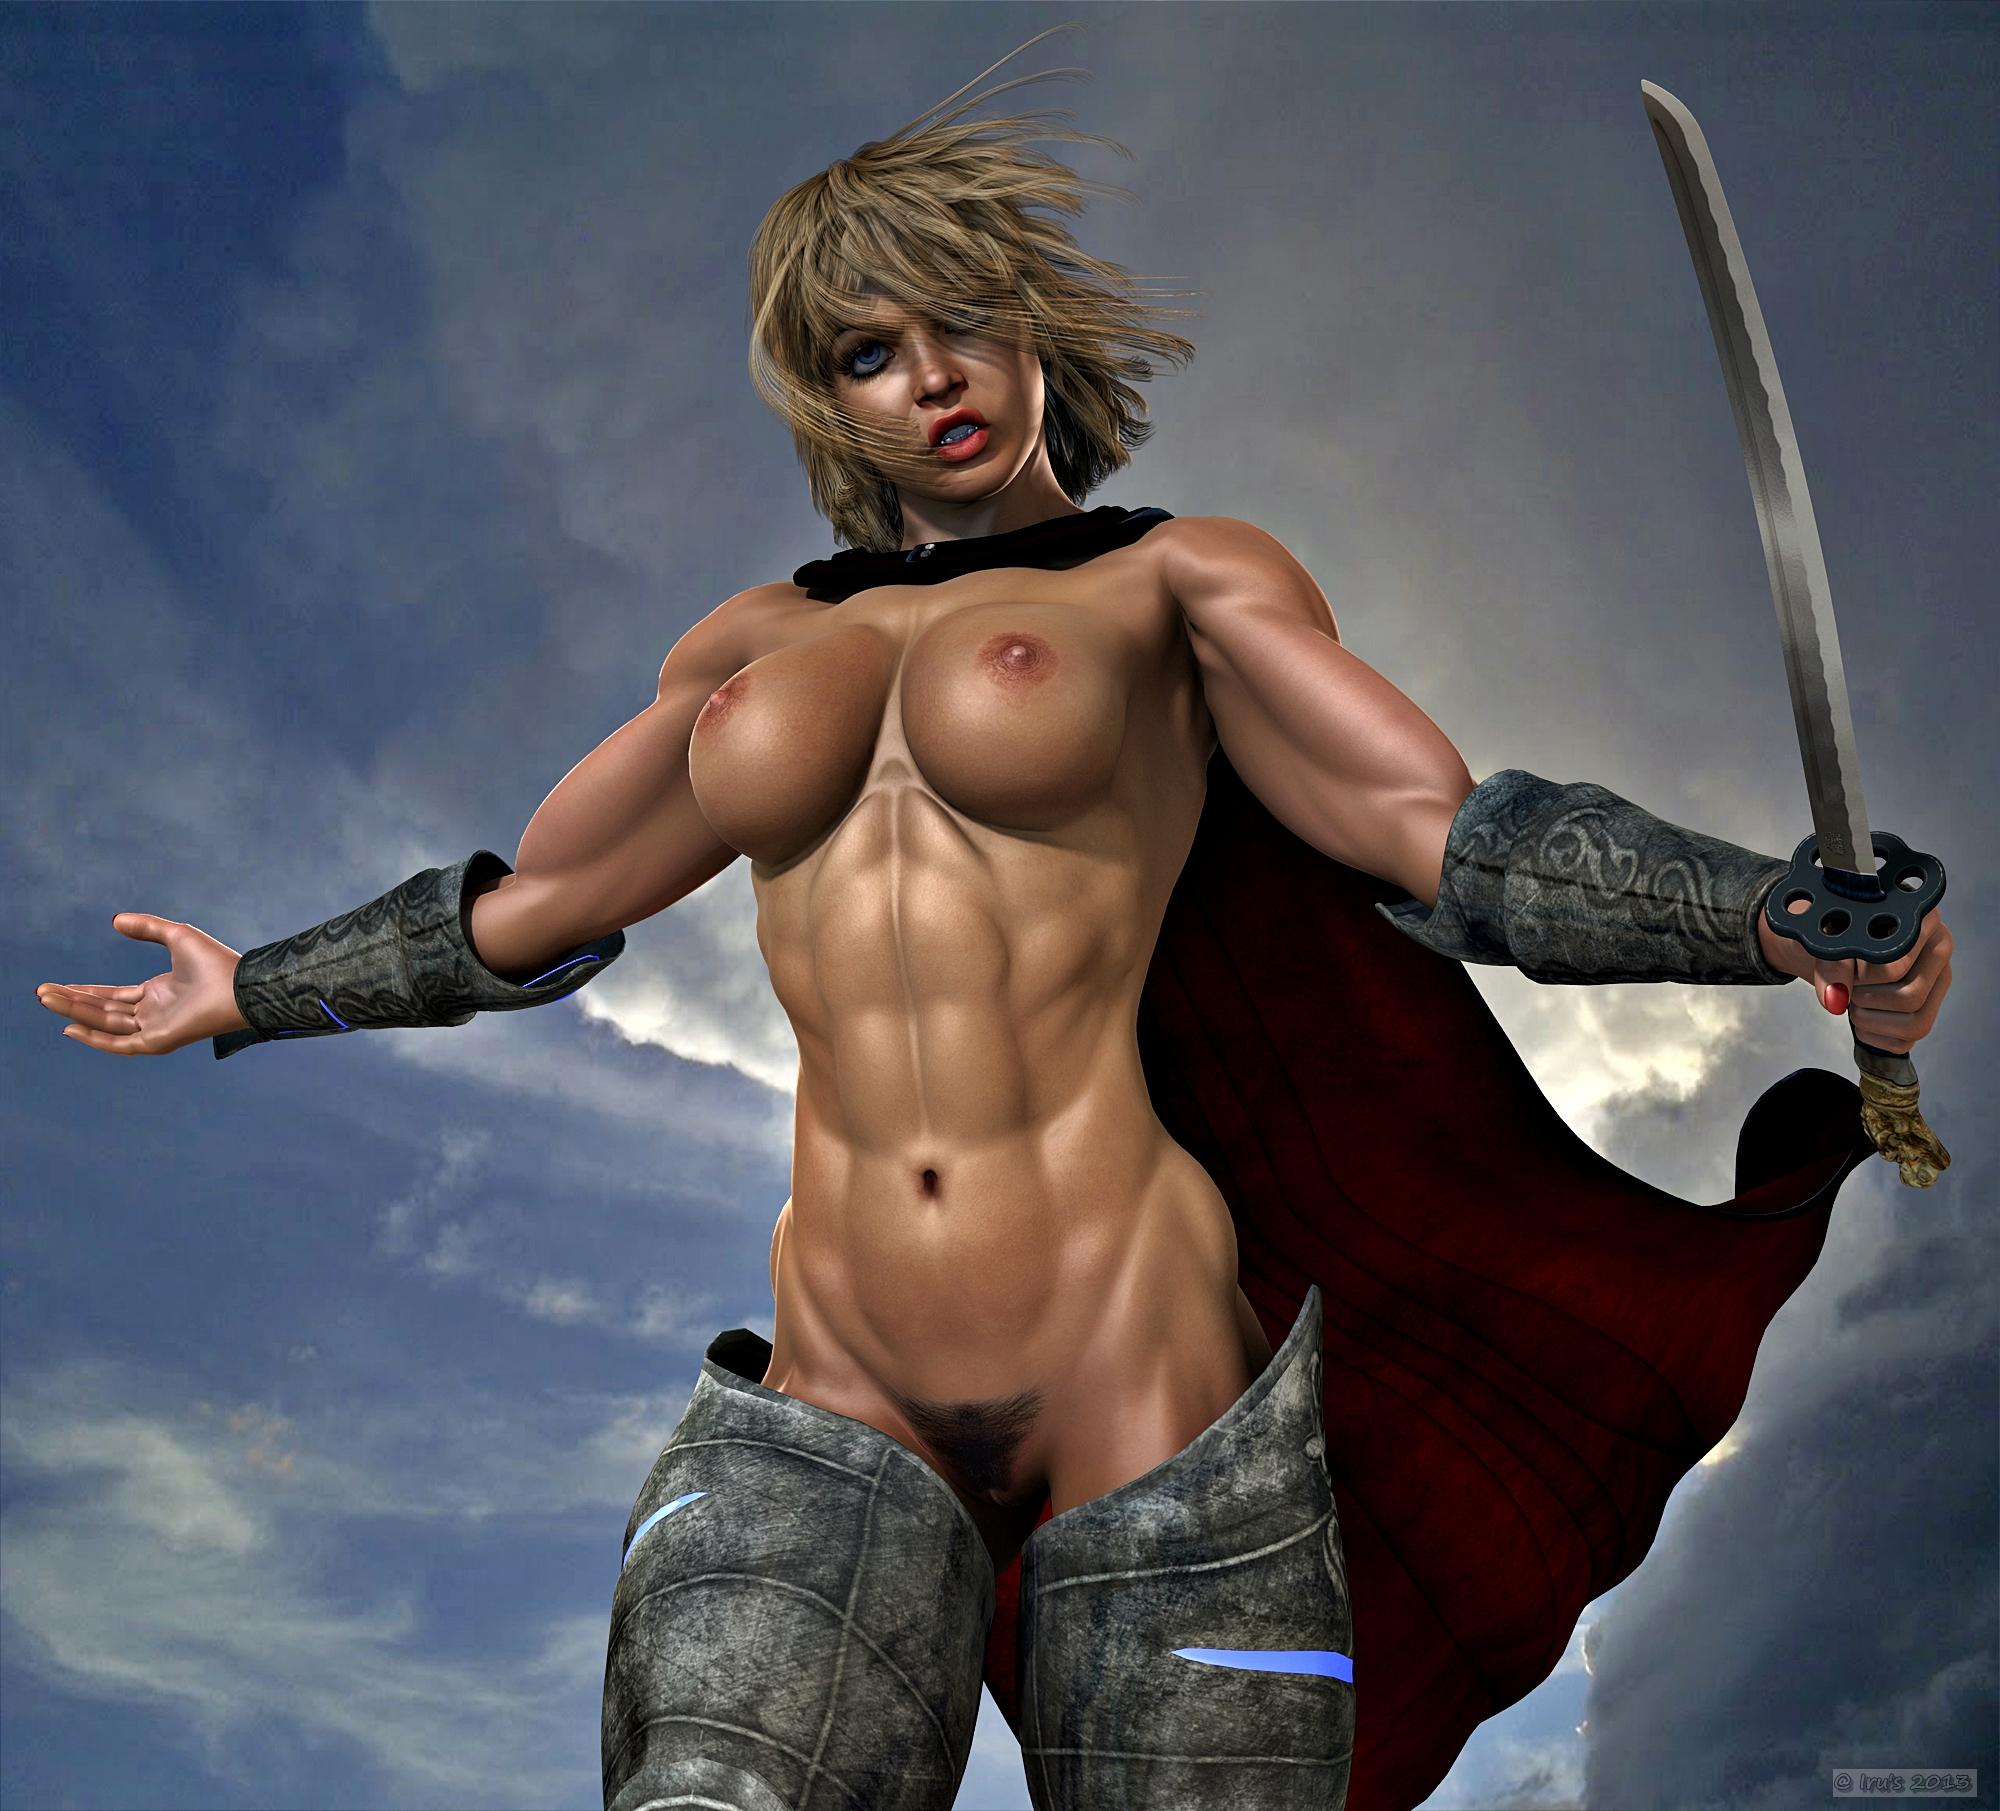 warrioress_1_by_marinaibiza-d5xvpr1.jpg